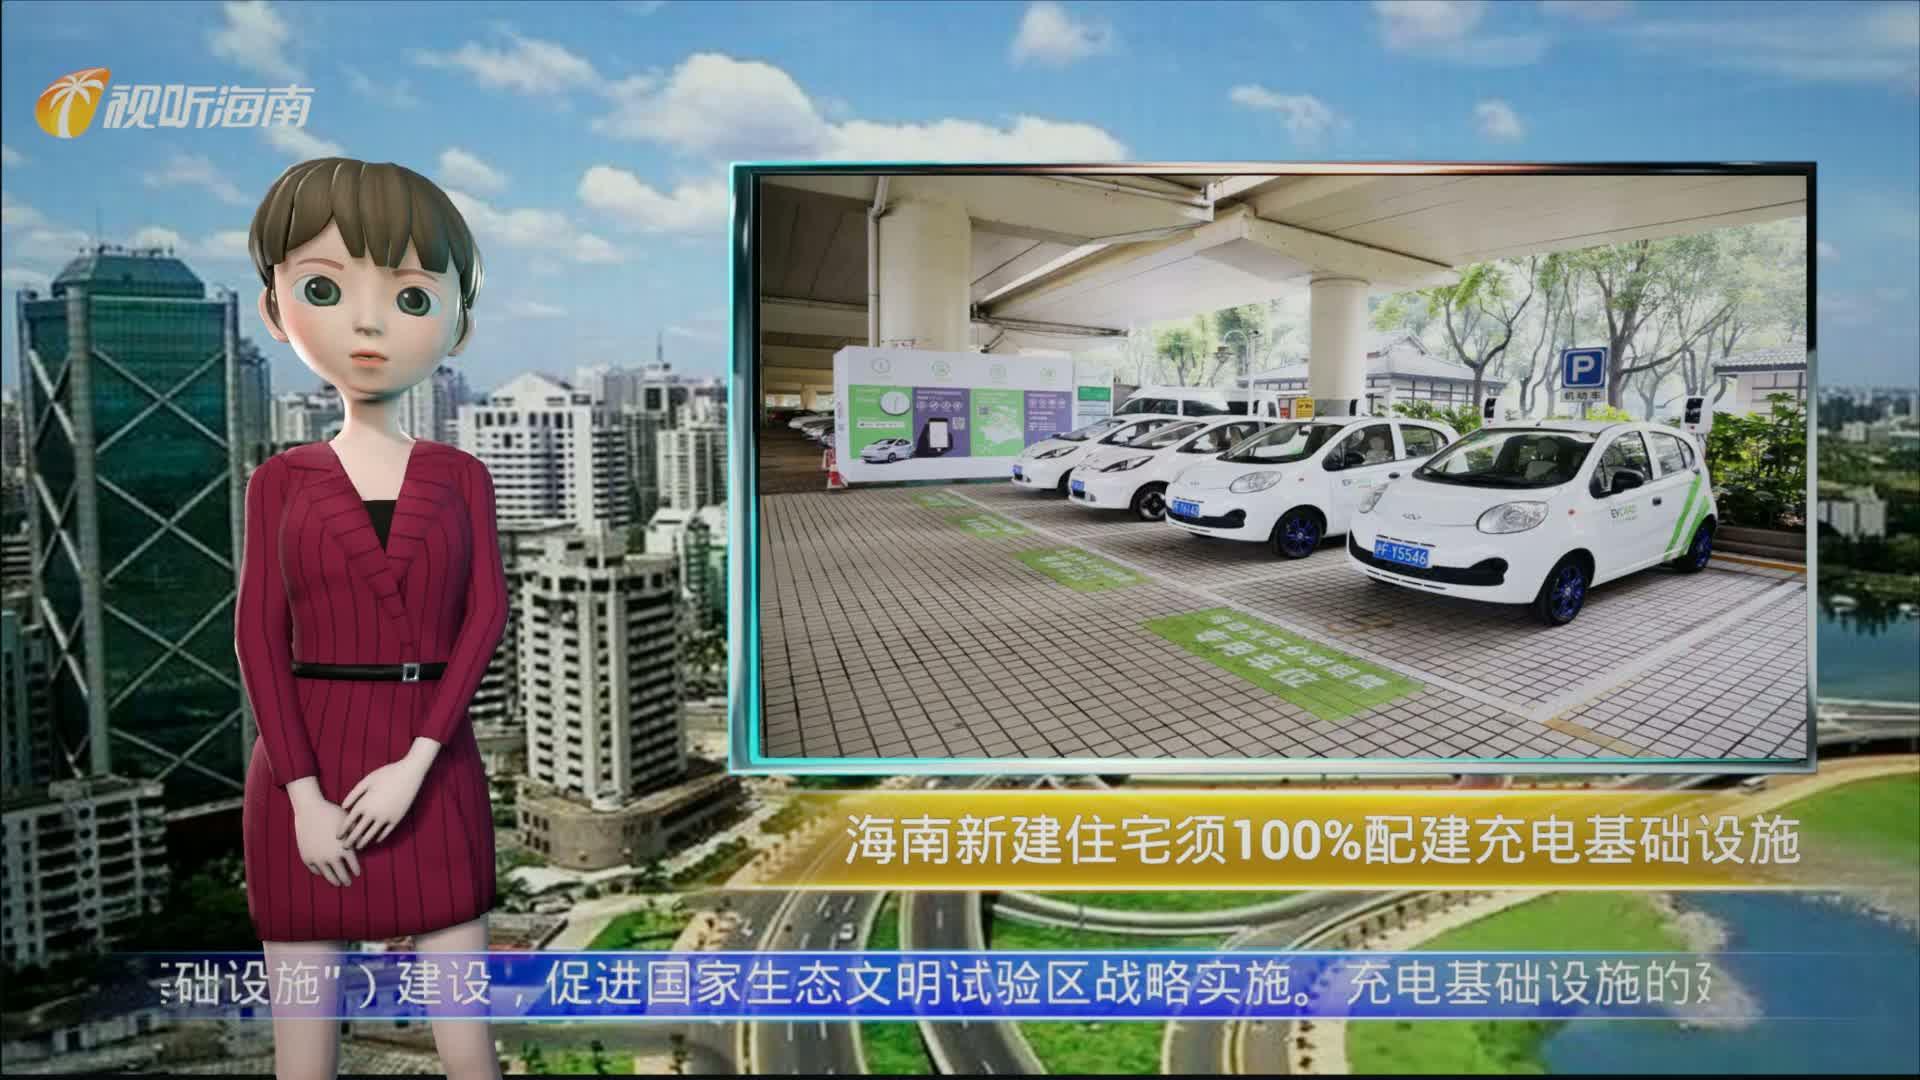 AI播報 海南新建住宅須100%配建充電基礎設施